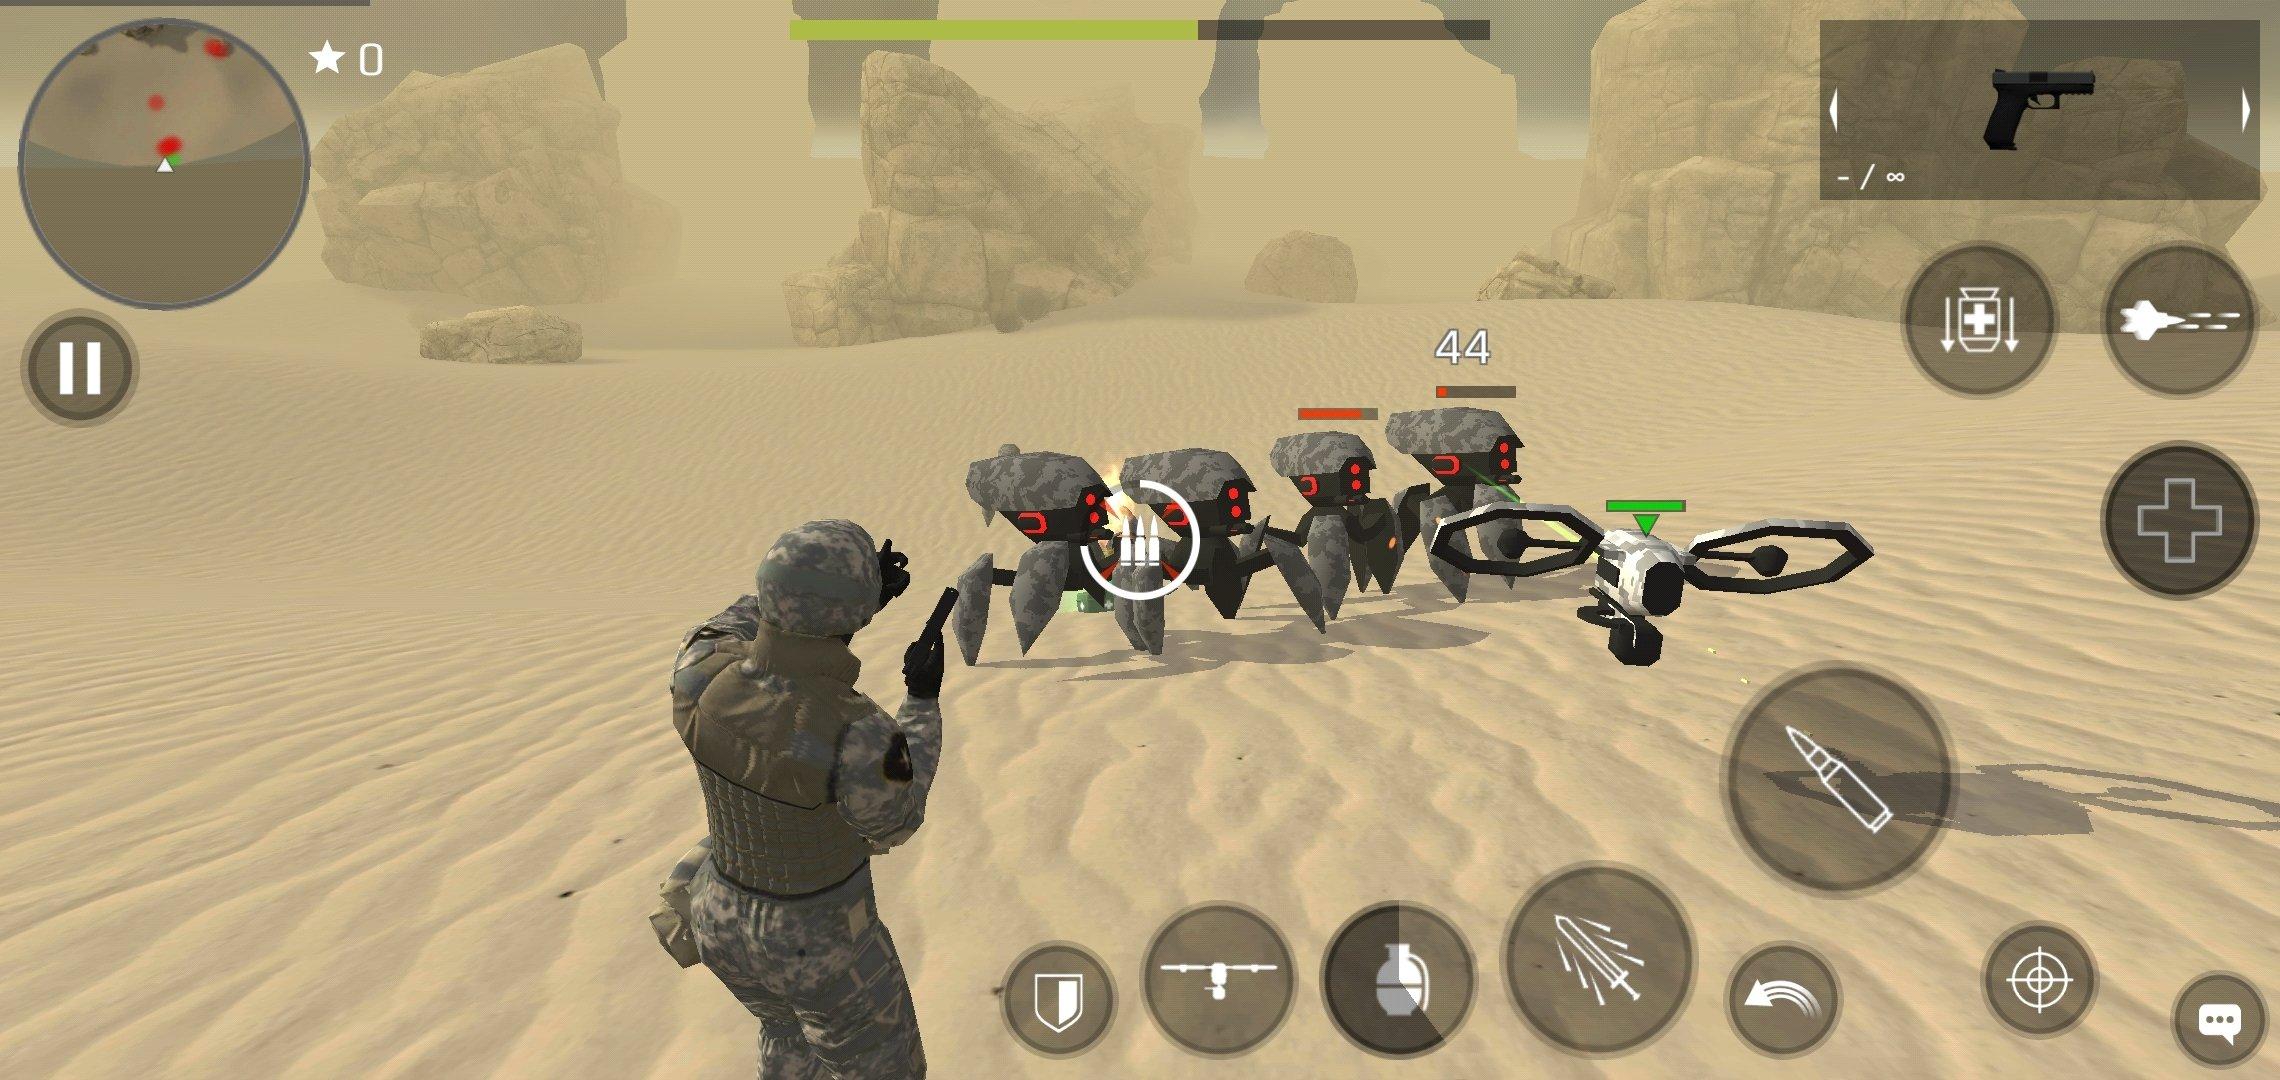 скачать взлом earth protect squad